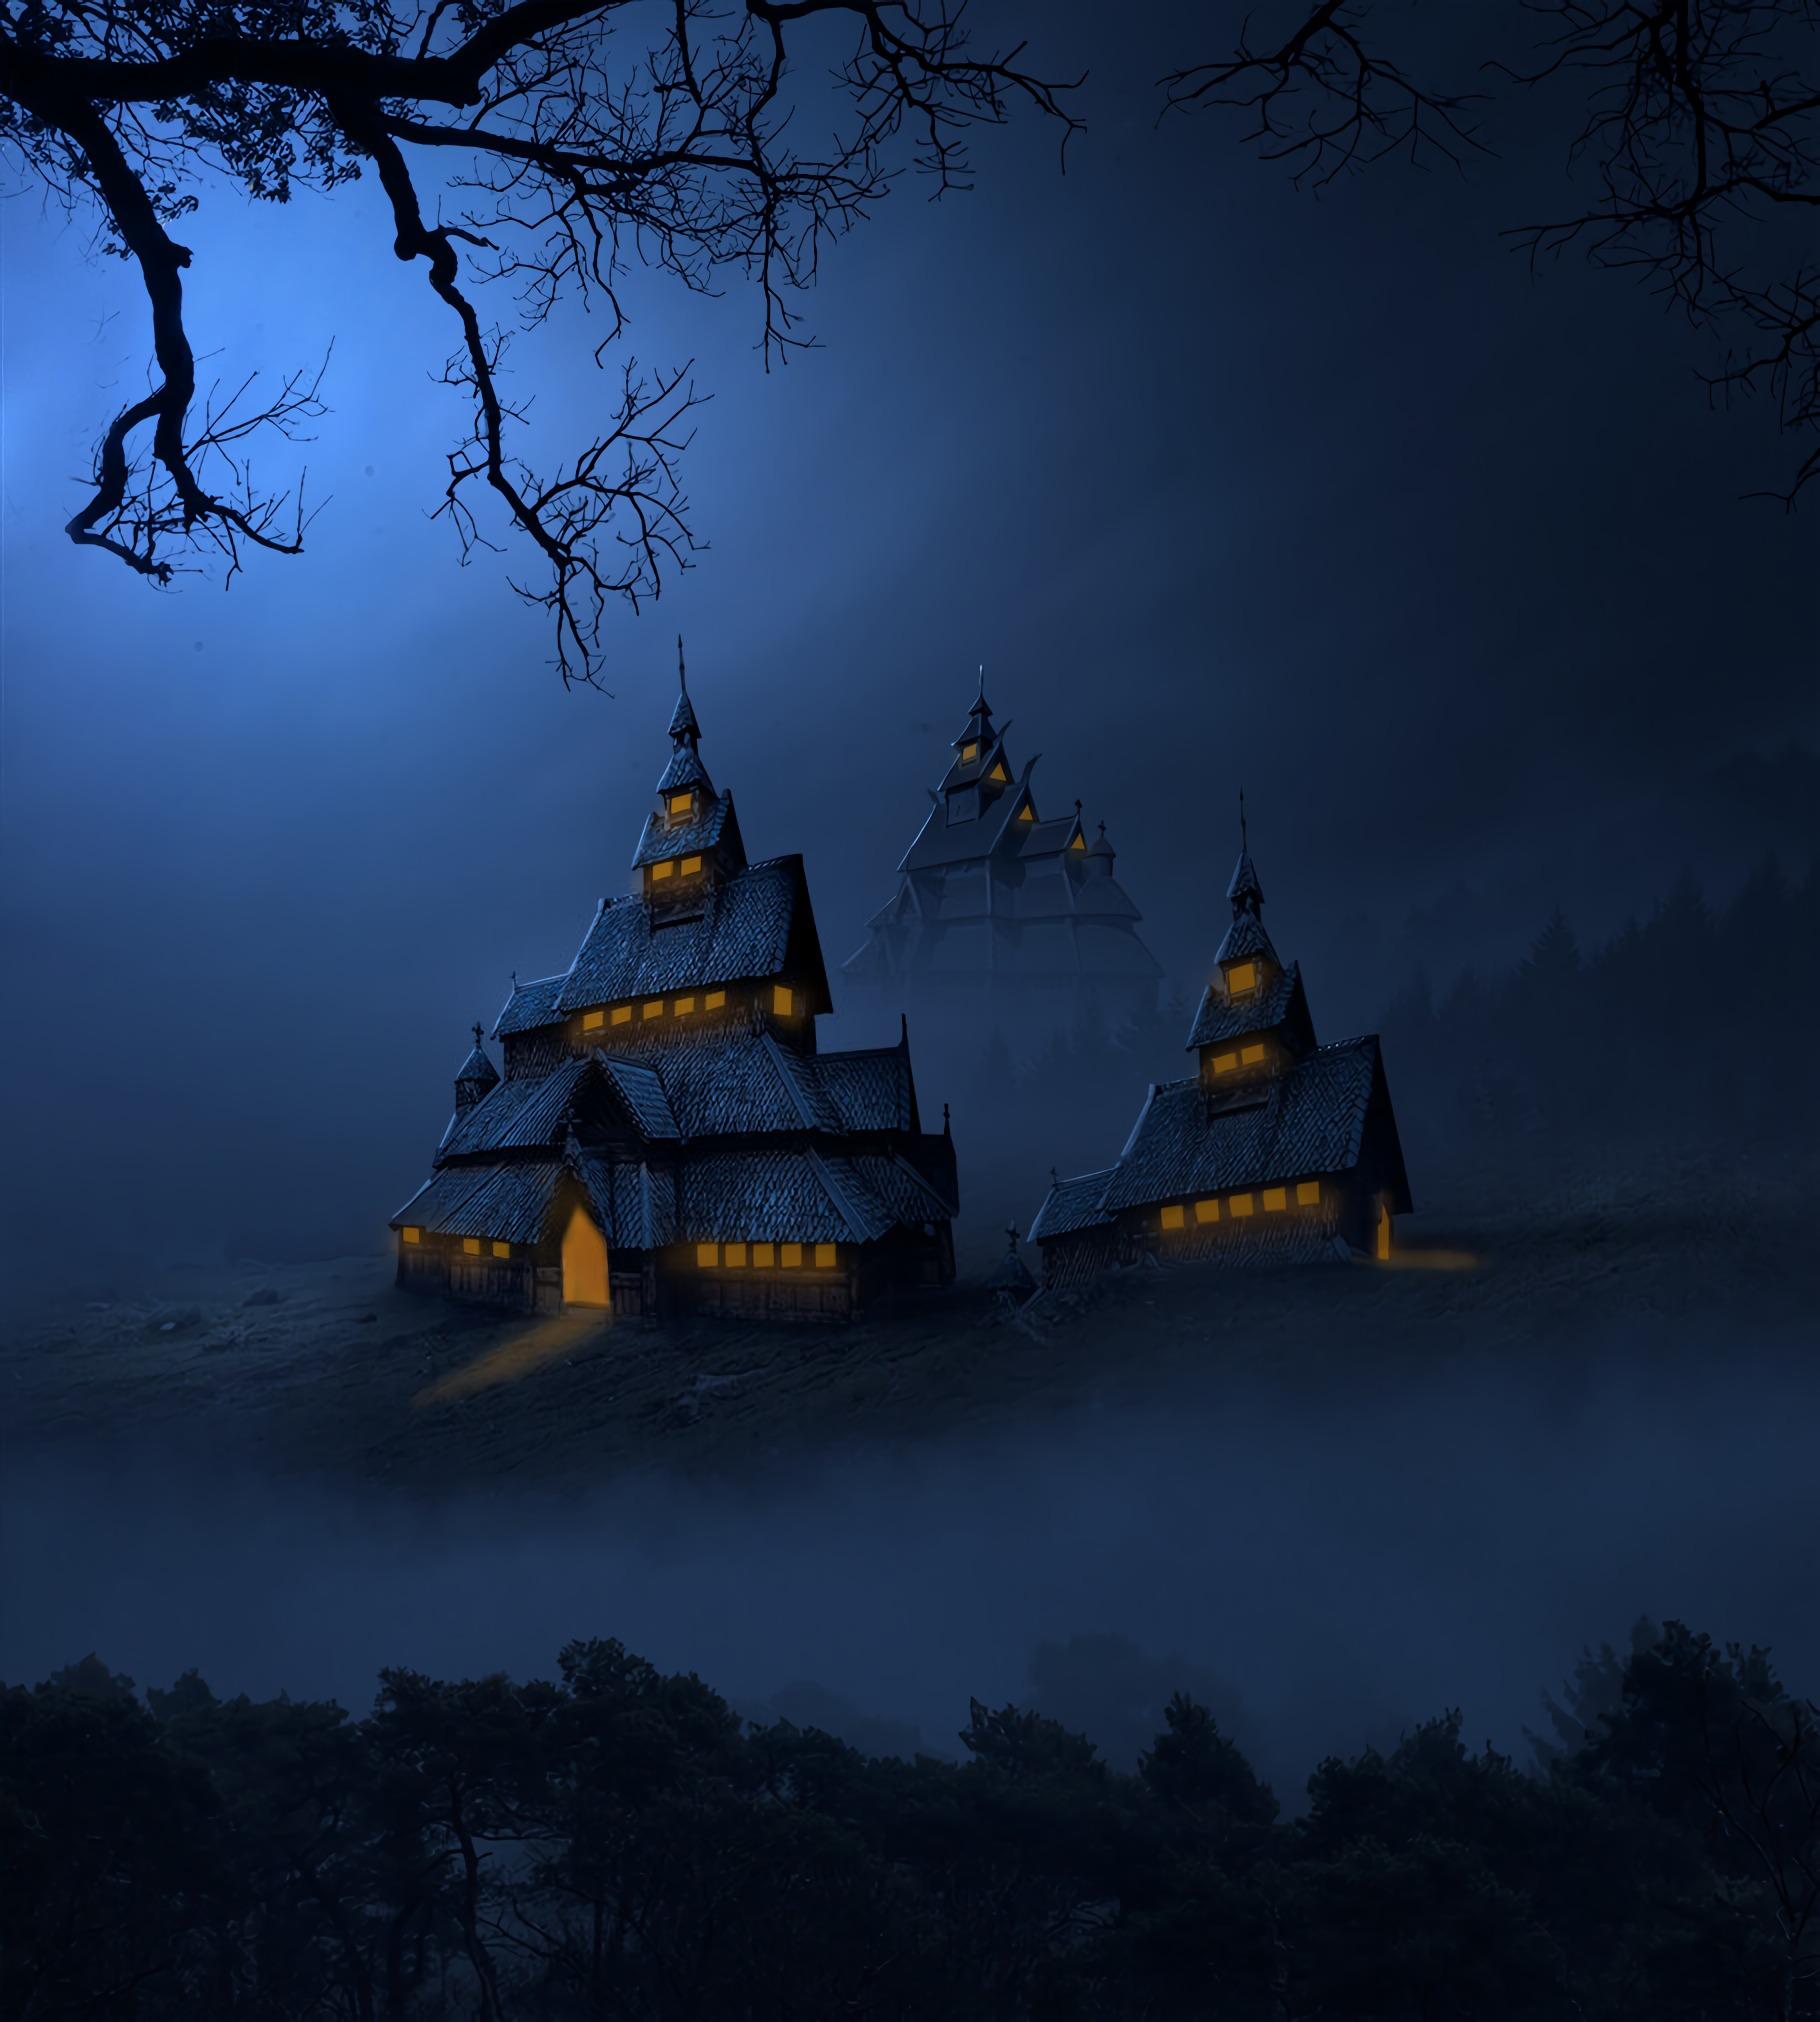 71537 免費下載壁紙 黑暗的, 黑暗, 寺庙, 神殿, 夜, 多雾路段, 雾, 艺术, 建造, 建筑物 屏保和圖片